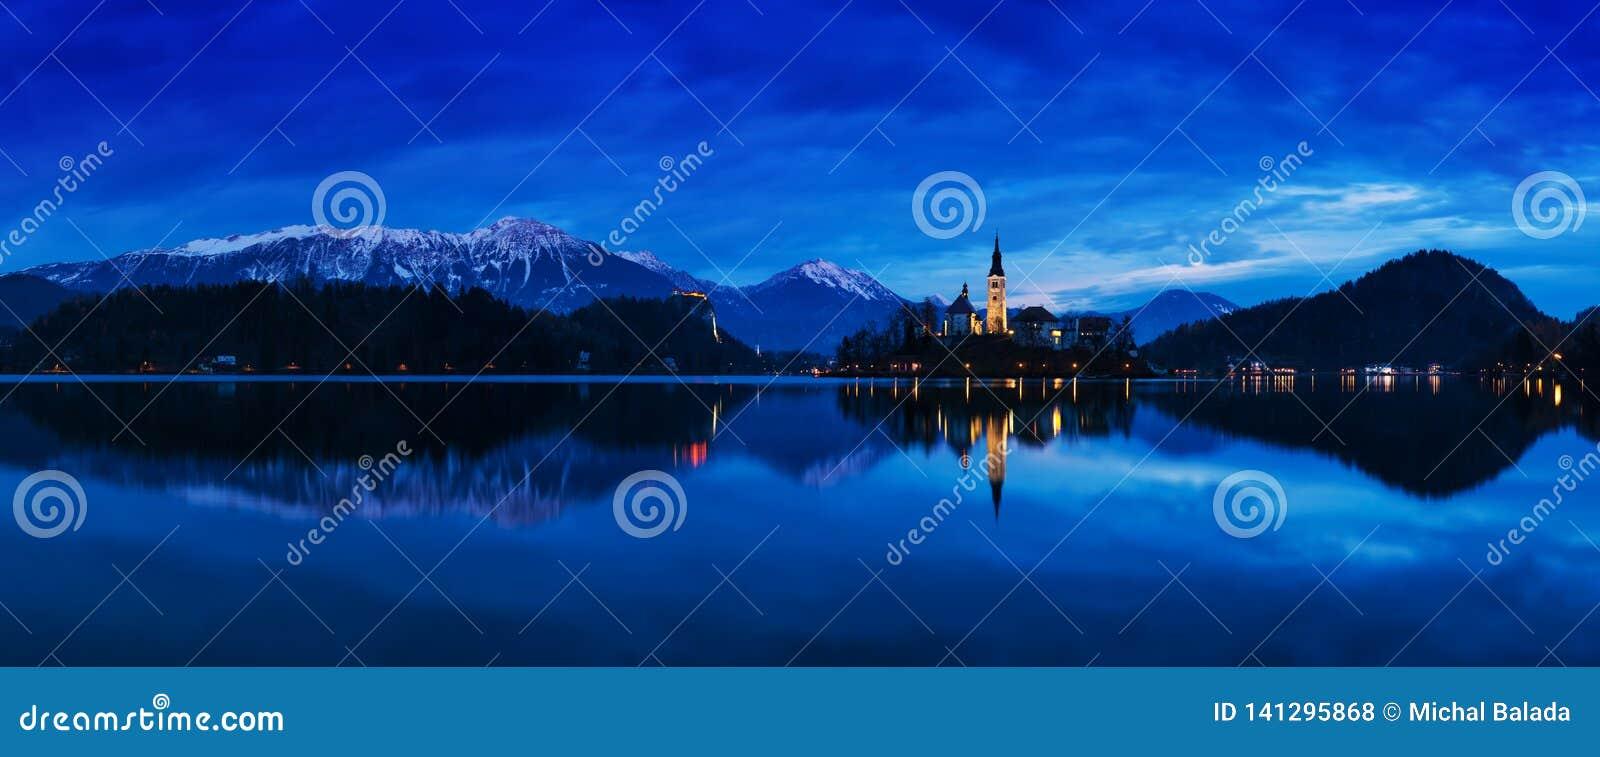 著名流血的海岛美丽的景色有天主教的在风景布莱德湖和流血的城堡Blejski毕业和朱利安阿尔卑斯山